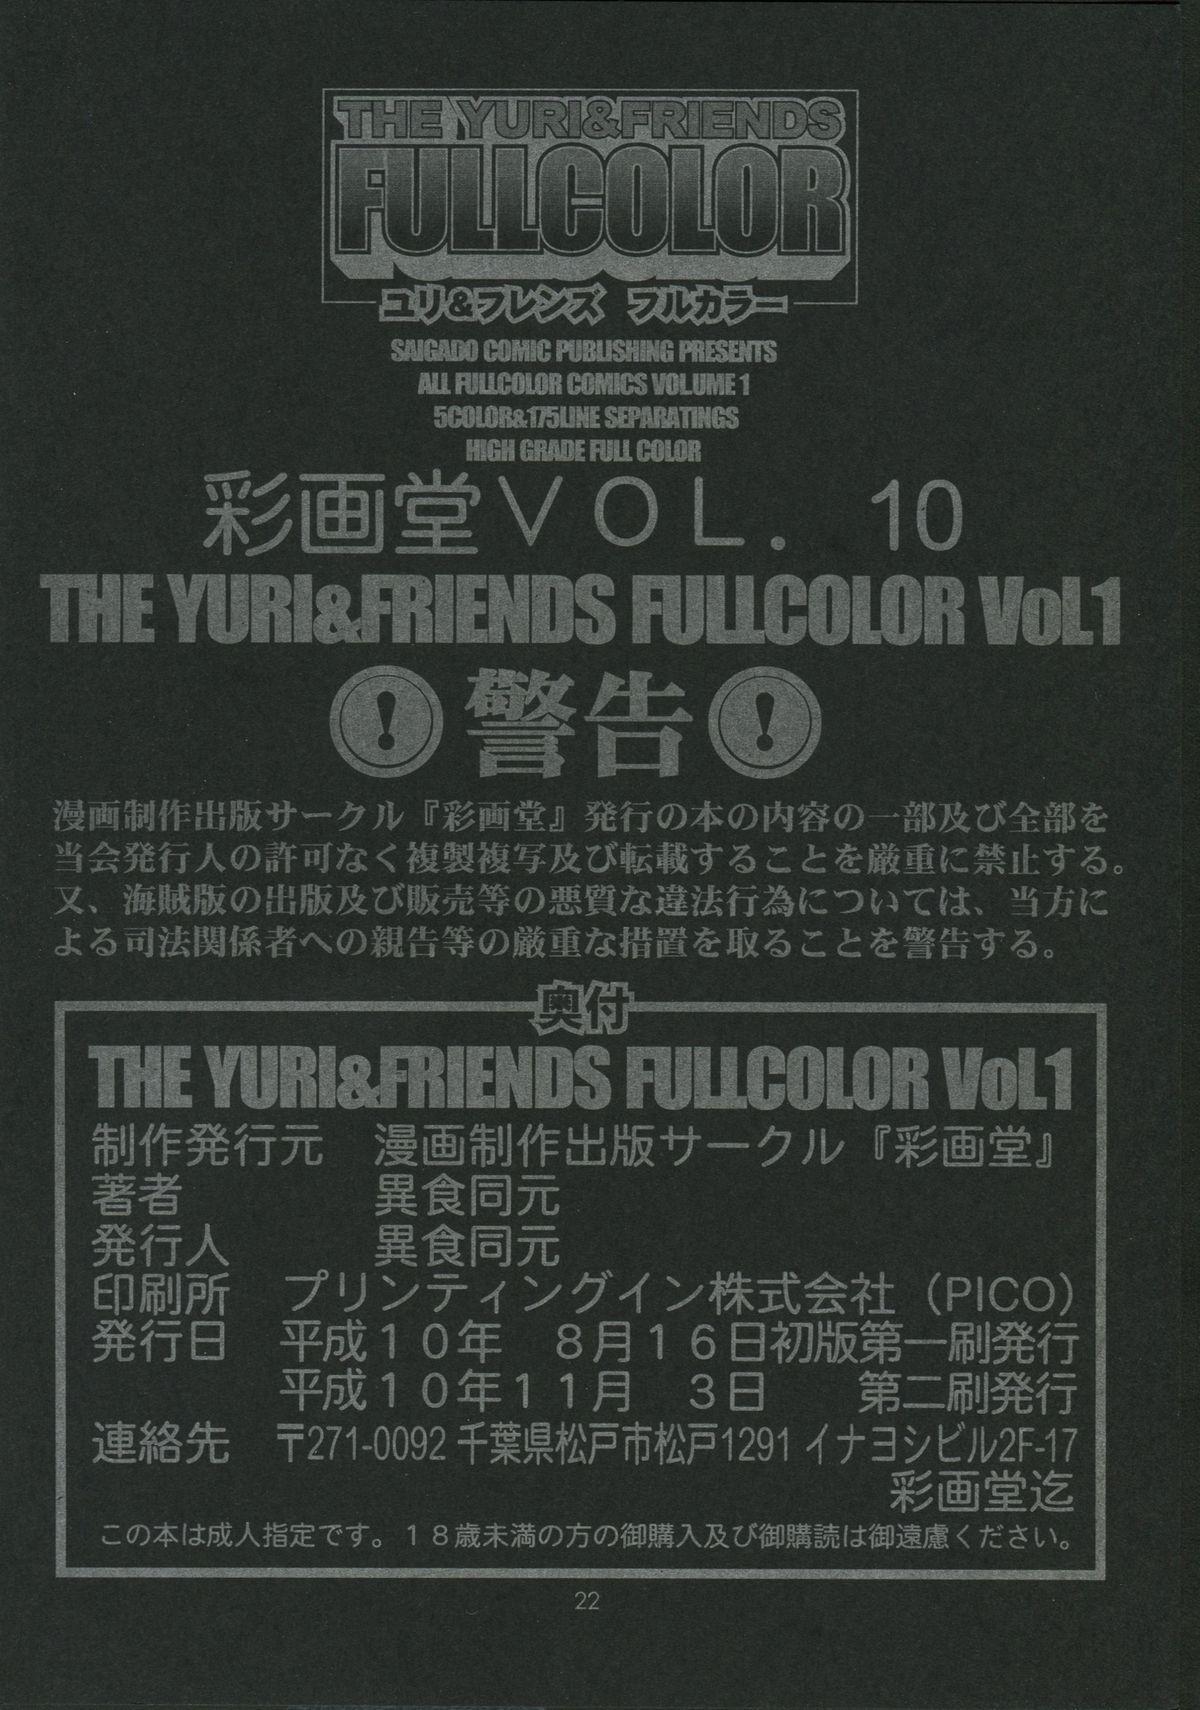 The Yuri & Friends Fullcolor 21